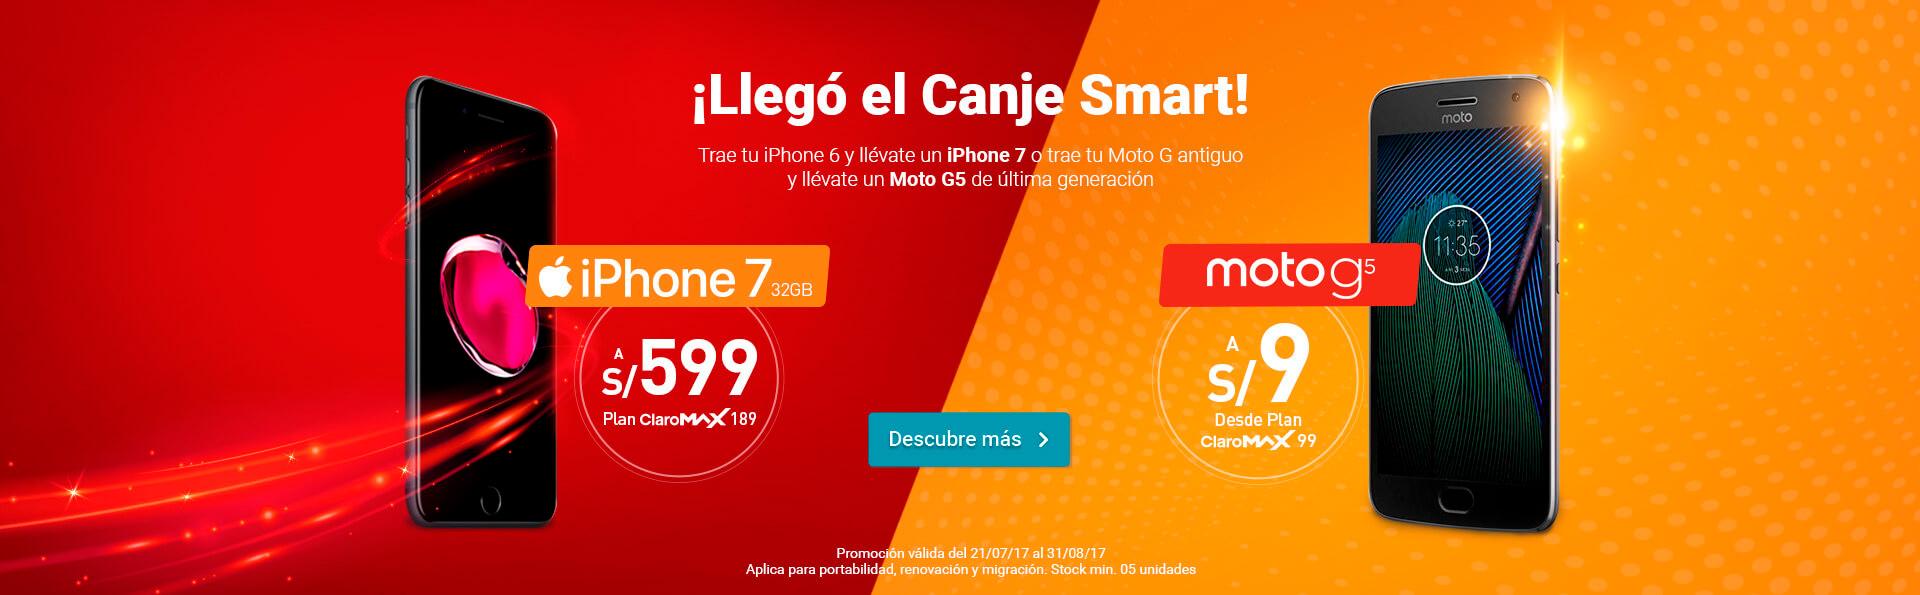 canje-smart-210717